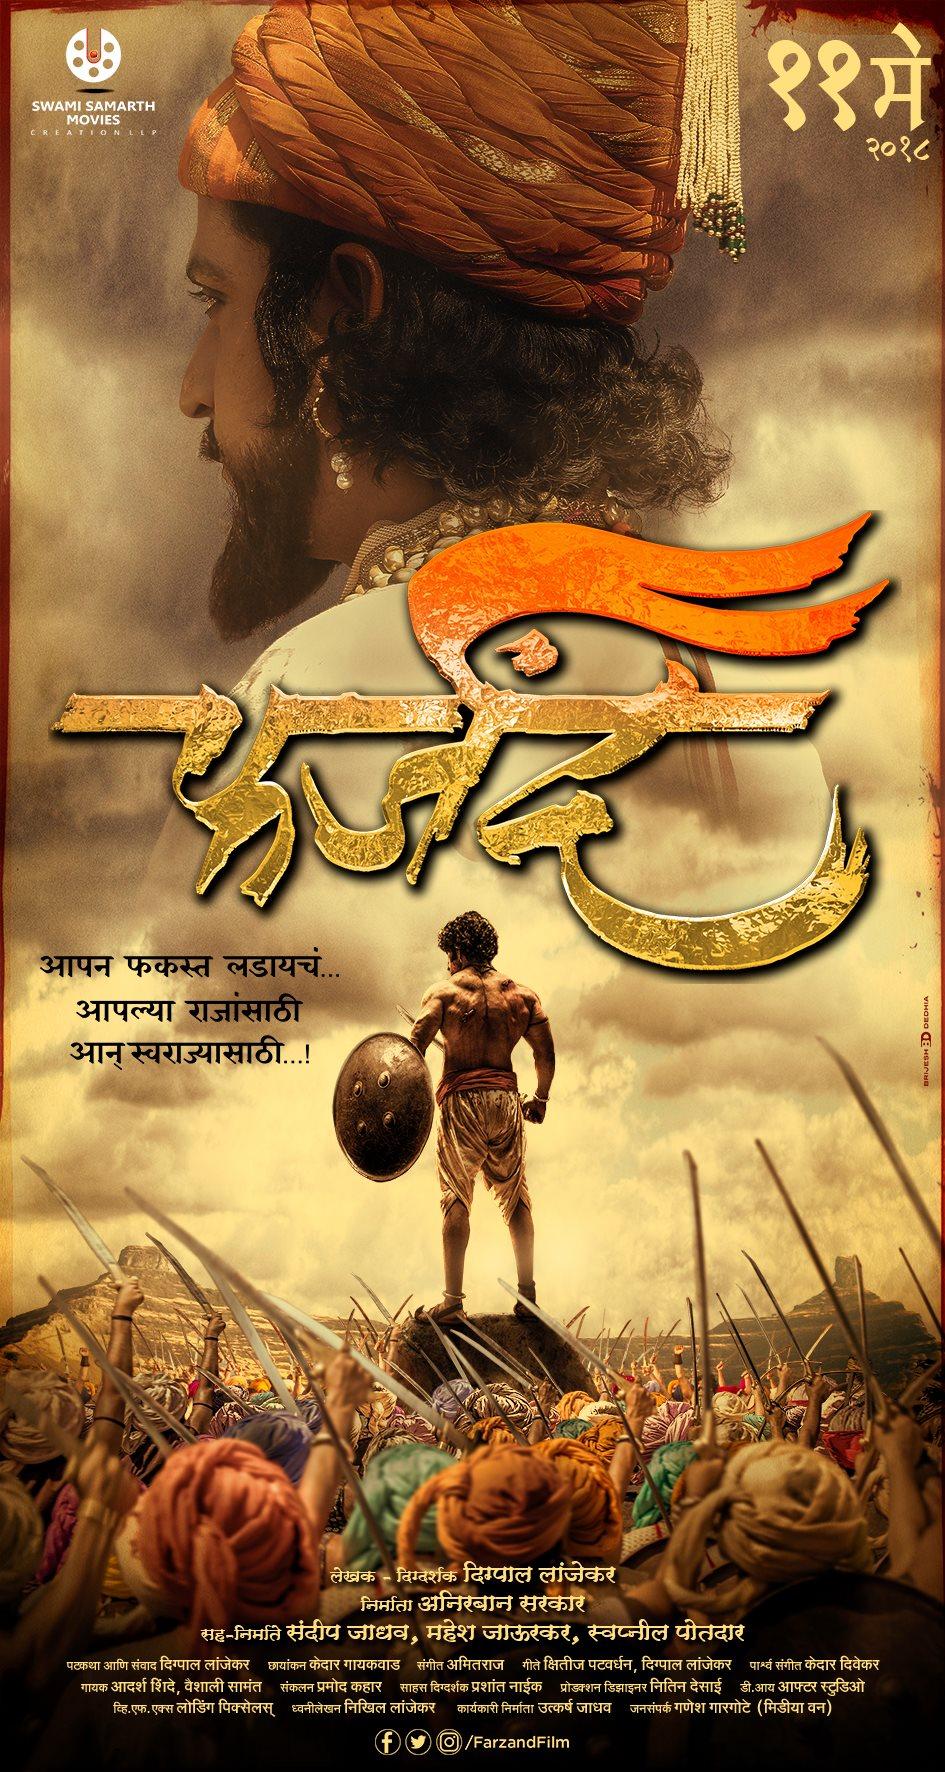 farzand movie download in 720p